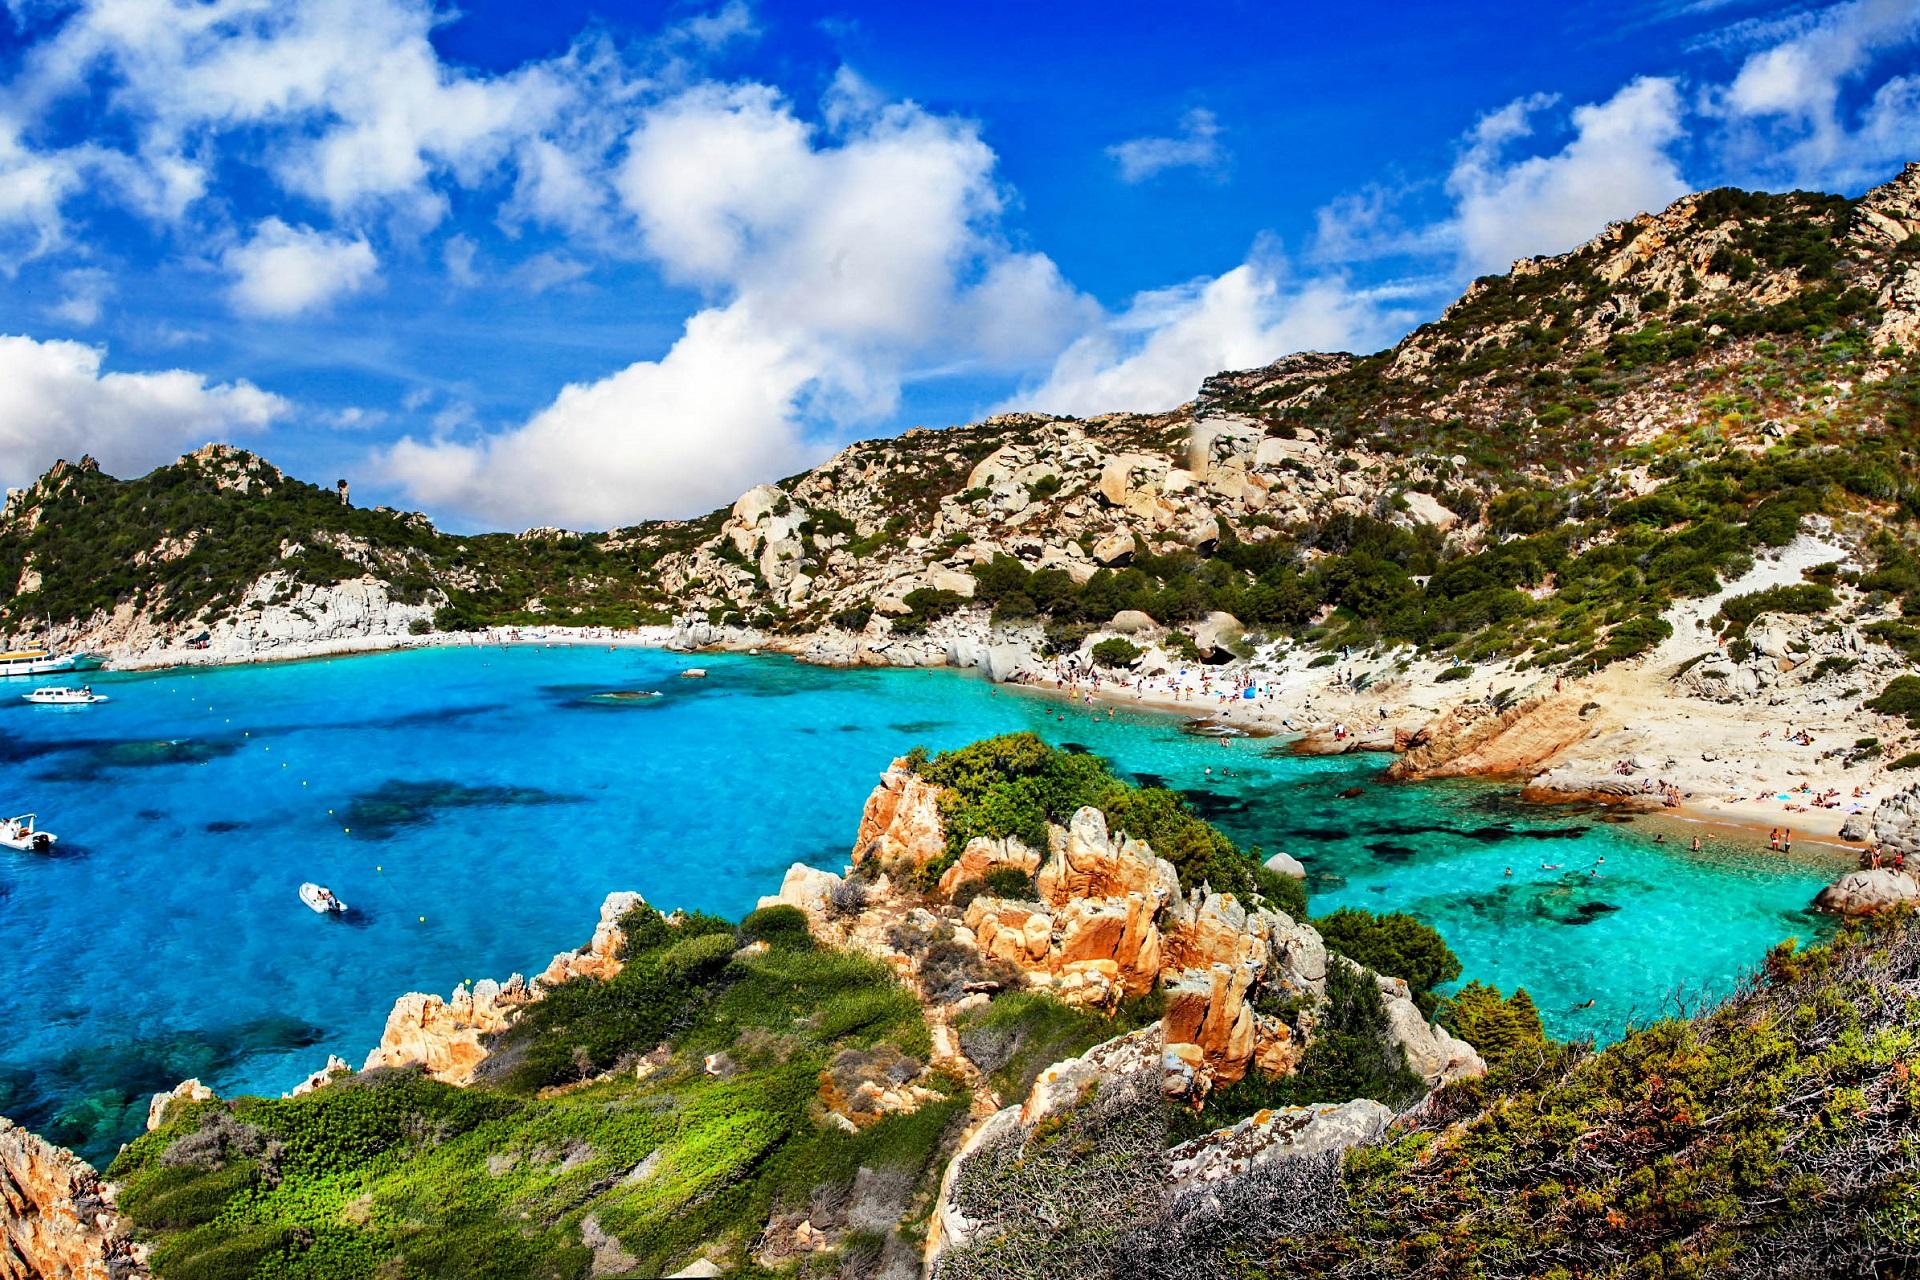 Die schönsten Strände auf Sardinien - La Maddalena, Cala Spalmatore